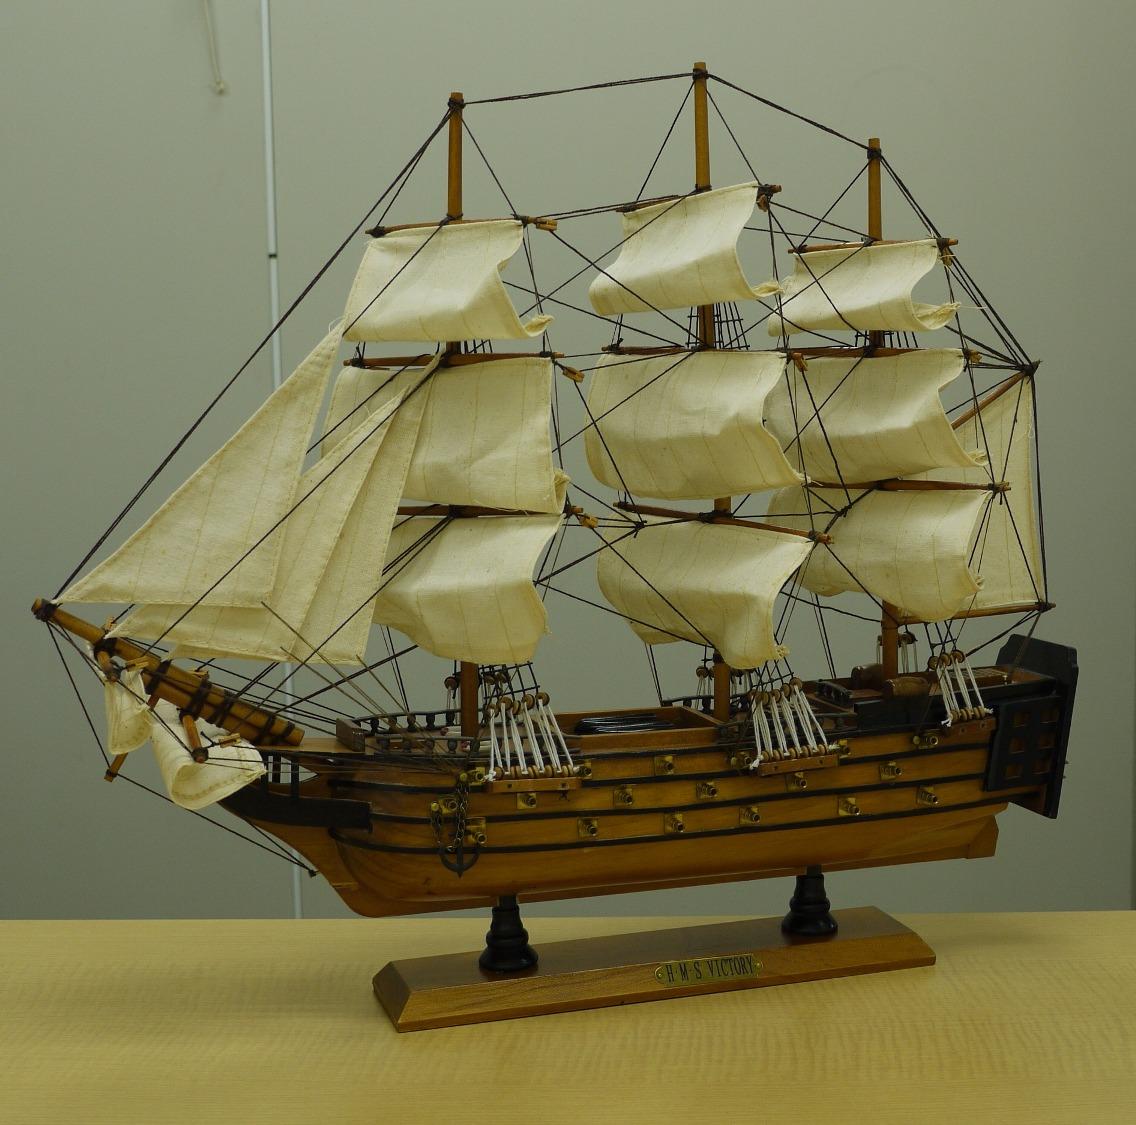 アルテザニア・エステバン・フェレール社 帆船模型 HMSヴィクトリー